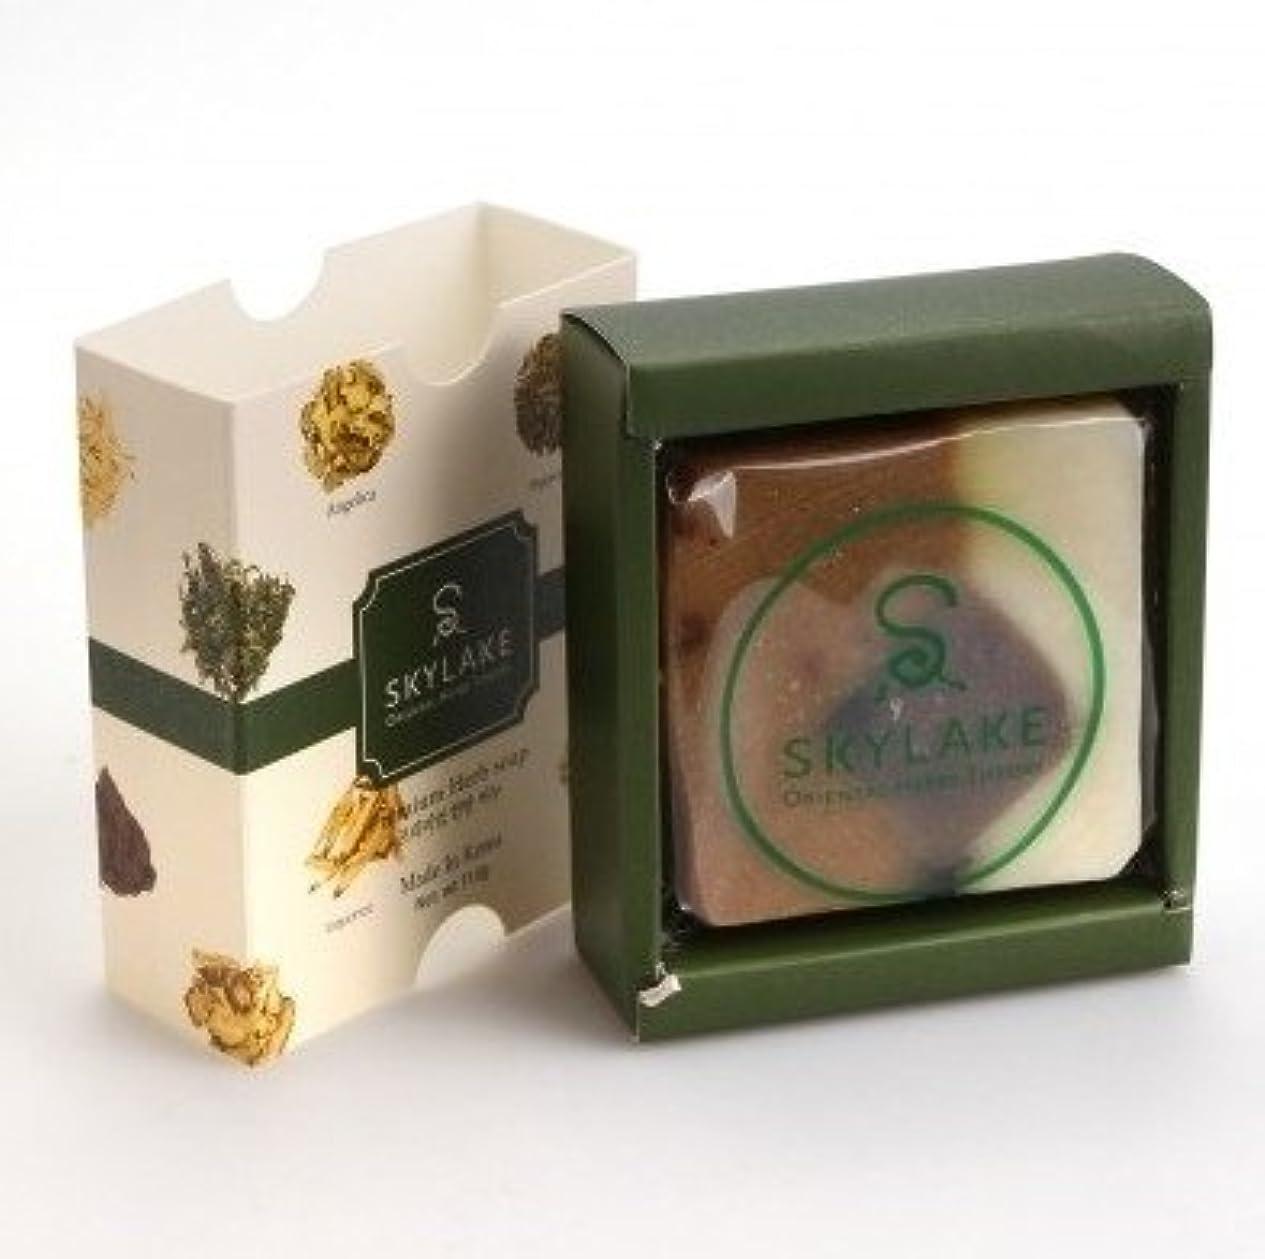 虹小麦ベアリングサークル[1+1]ハヌルホス[Skylake] 漢方アロマ石鹸Oriental Herbs Theory Soap (プレミアム手作り漢方)